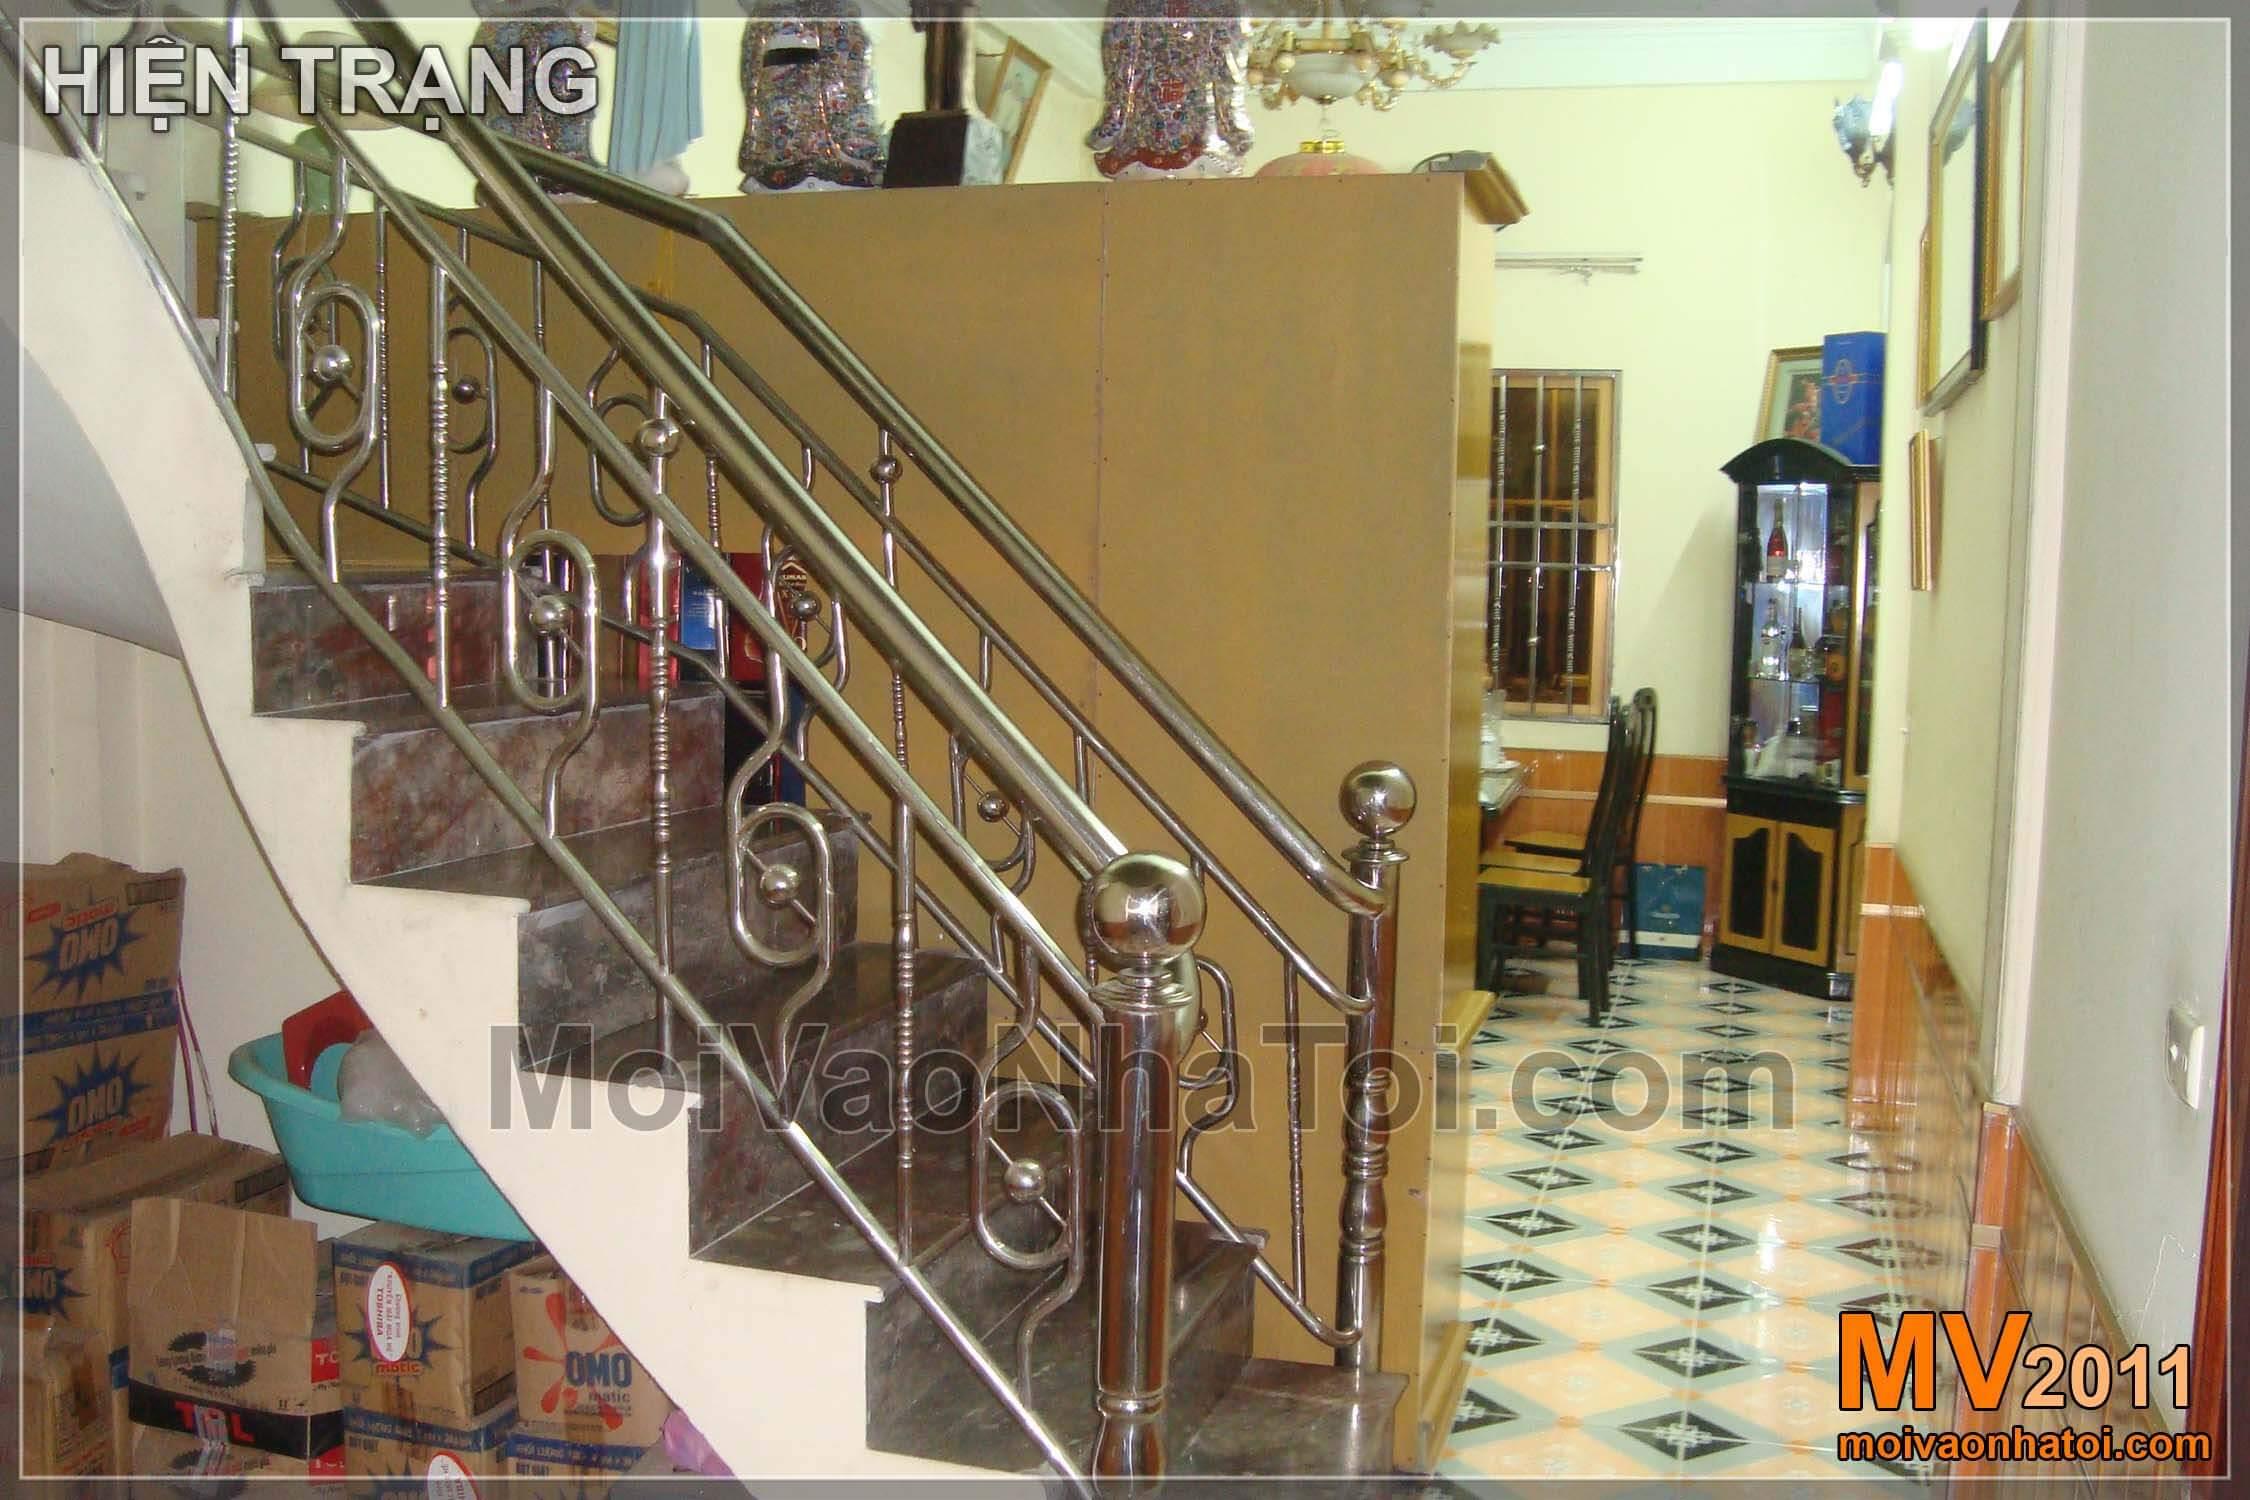 Từ cầu thang phía trong, dẫn người xem tới phòng khách đẹp